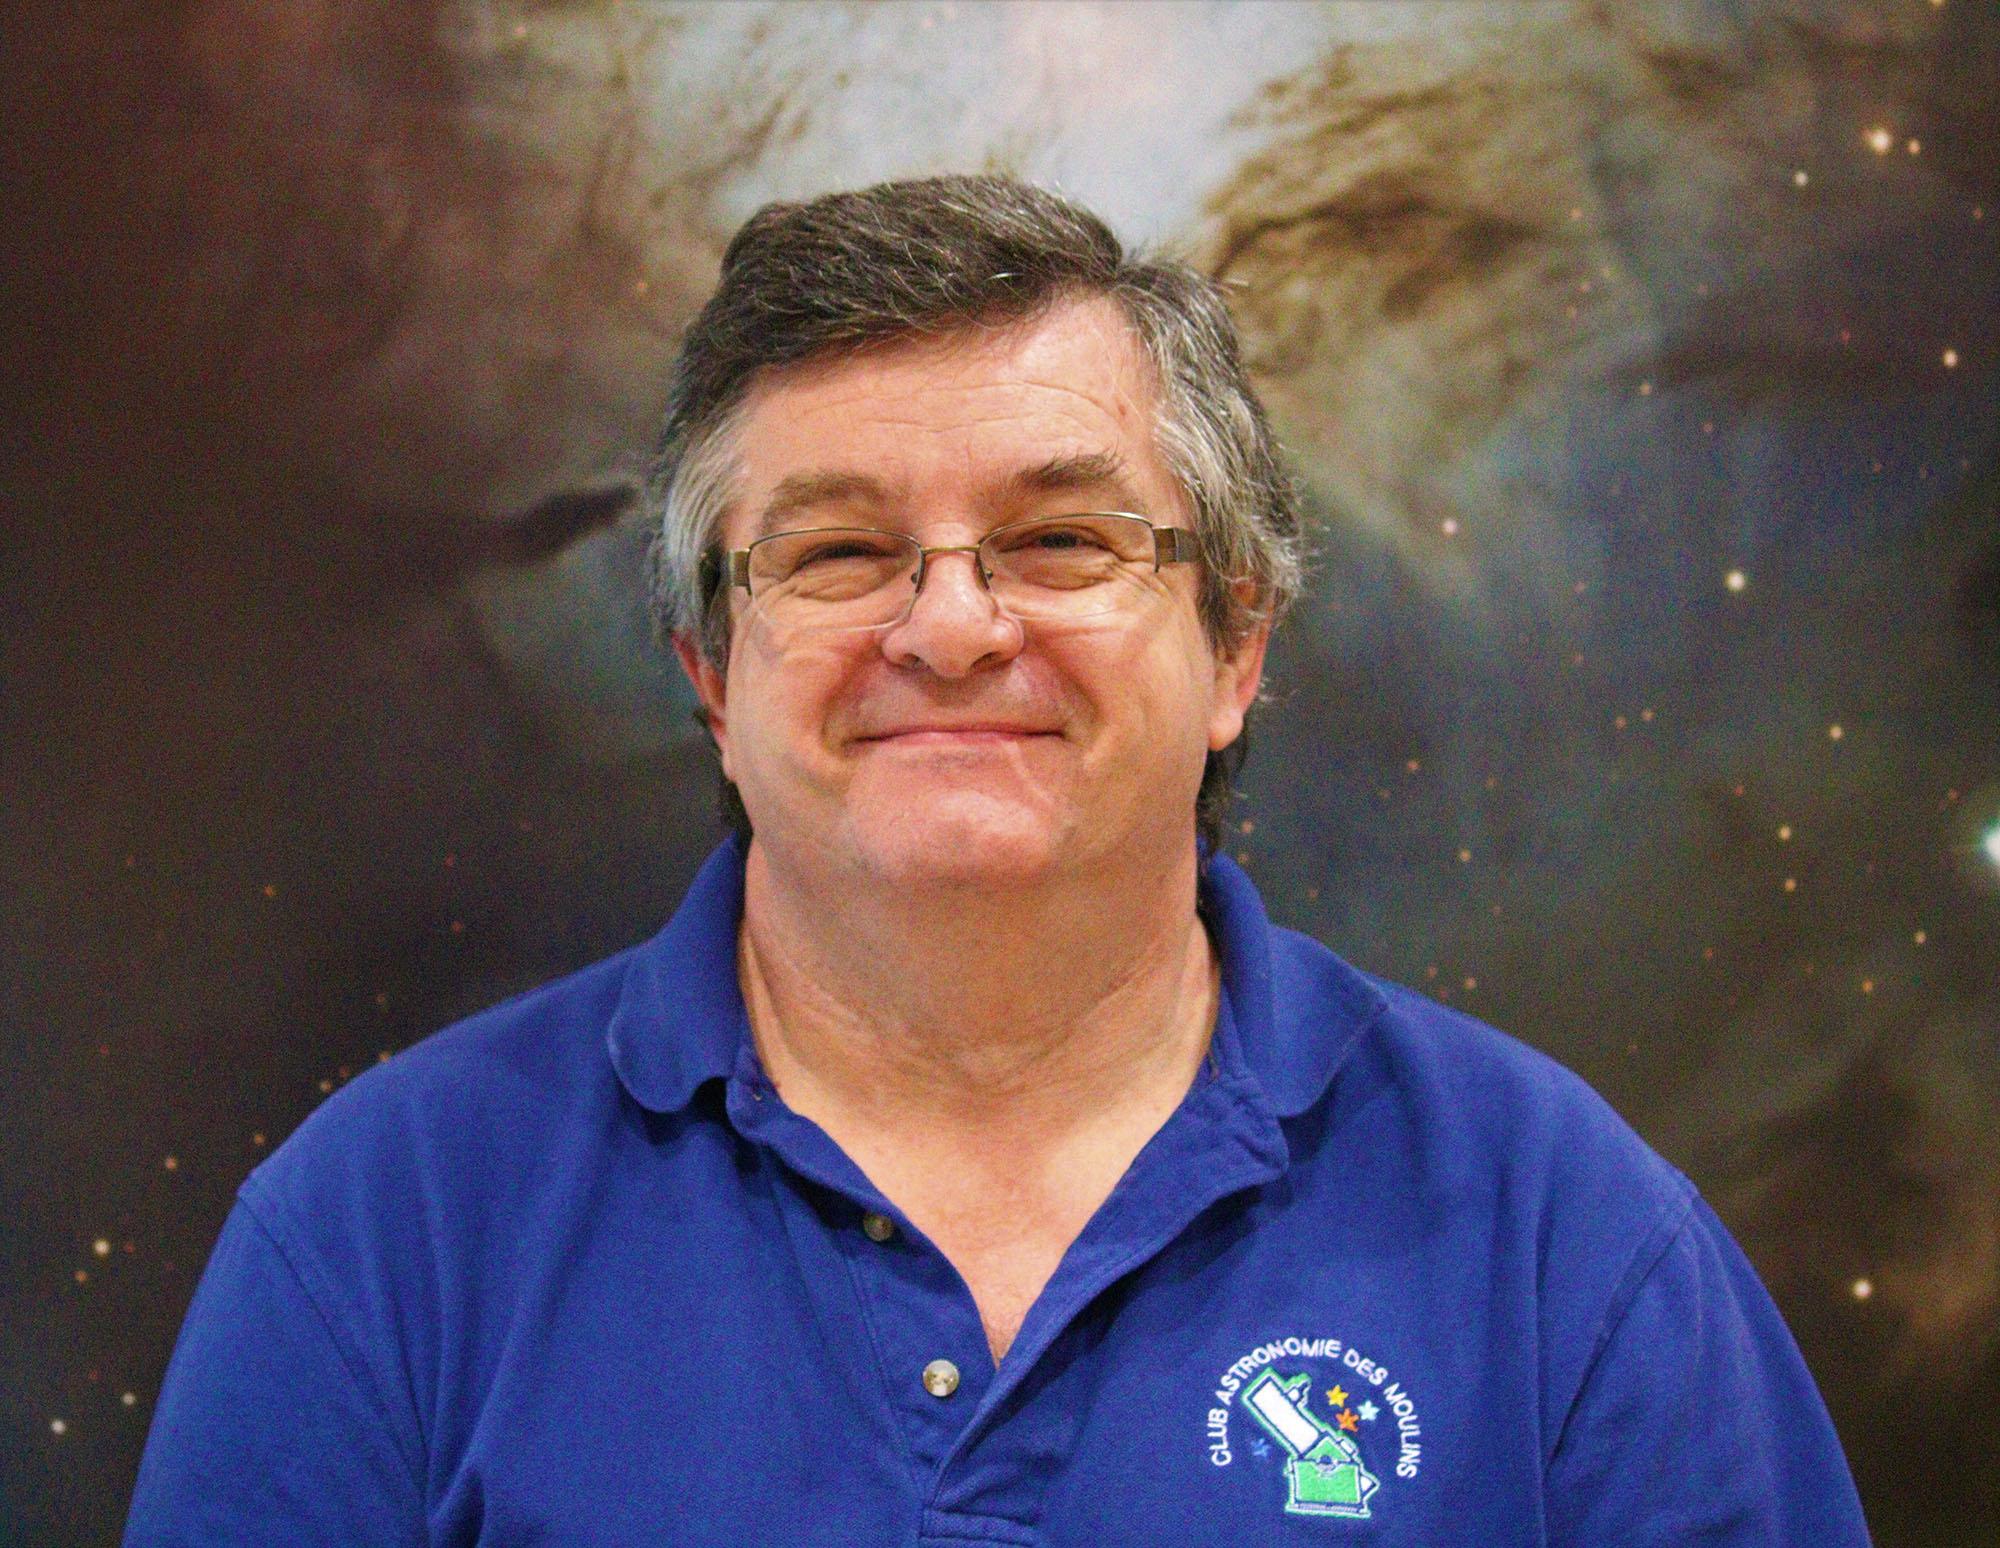 Christian Boisvert